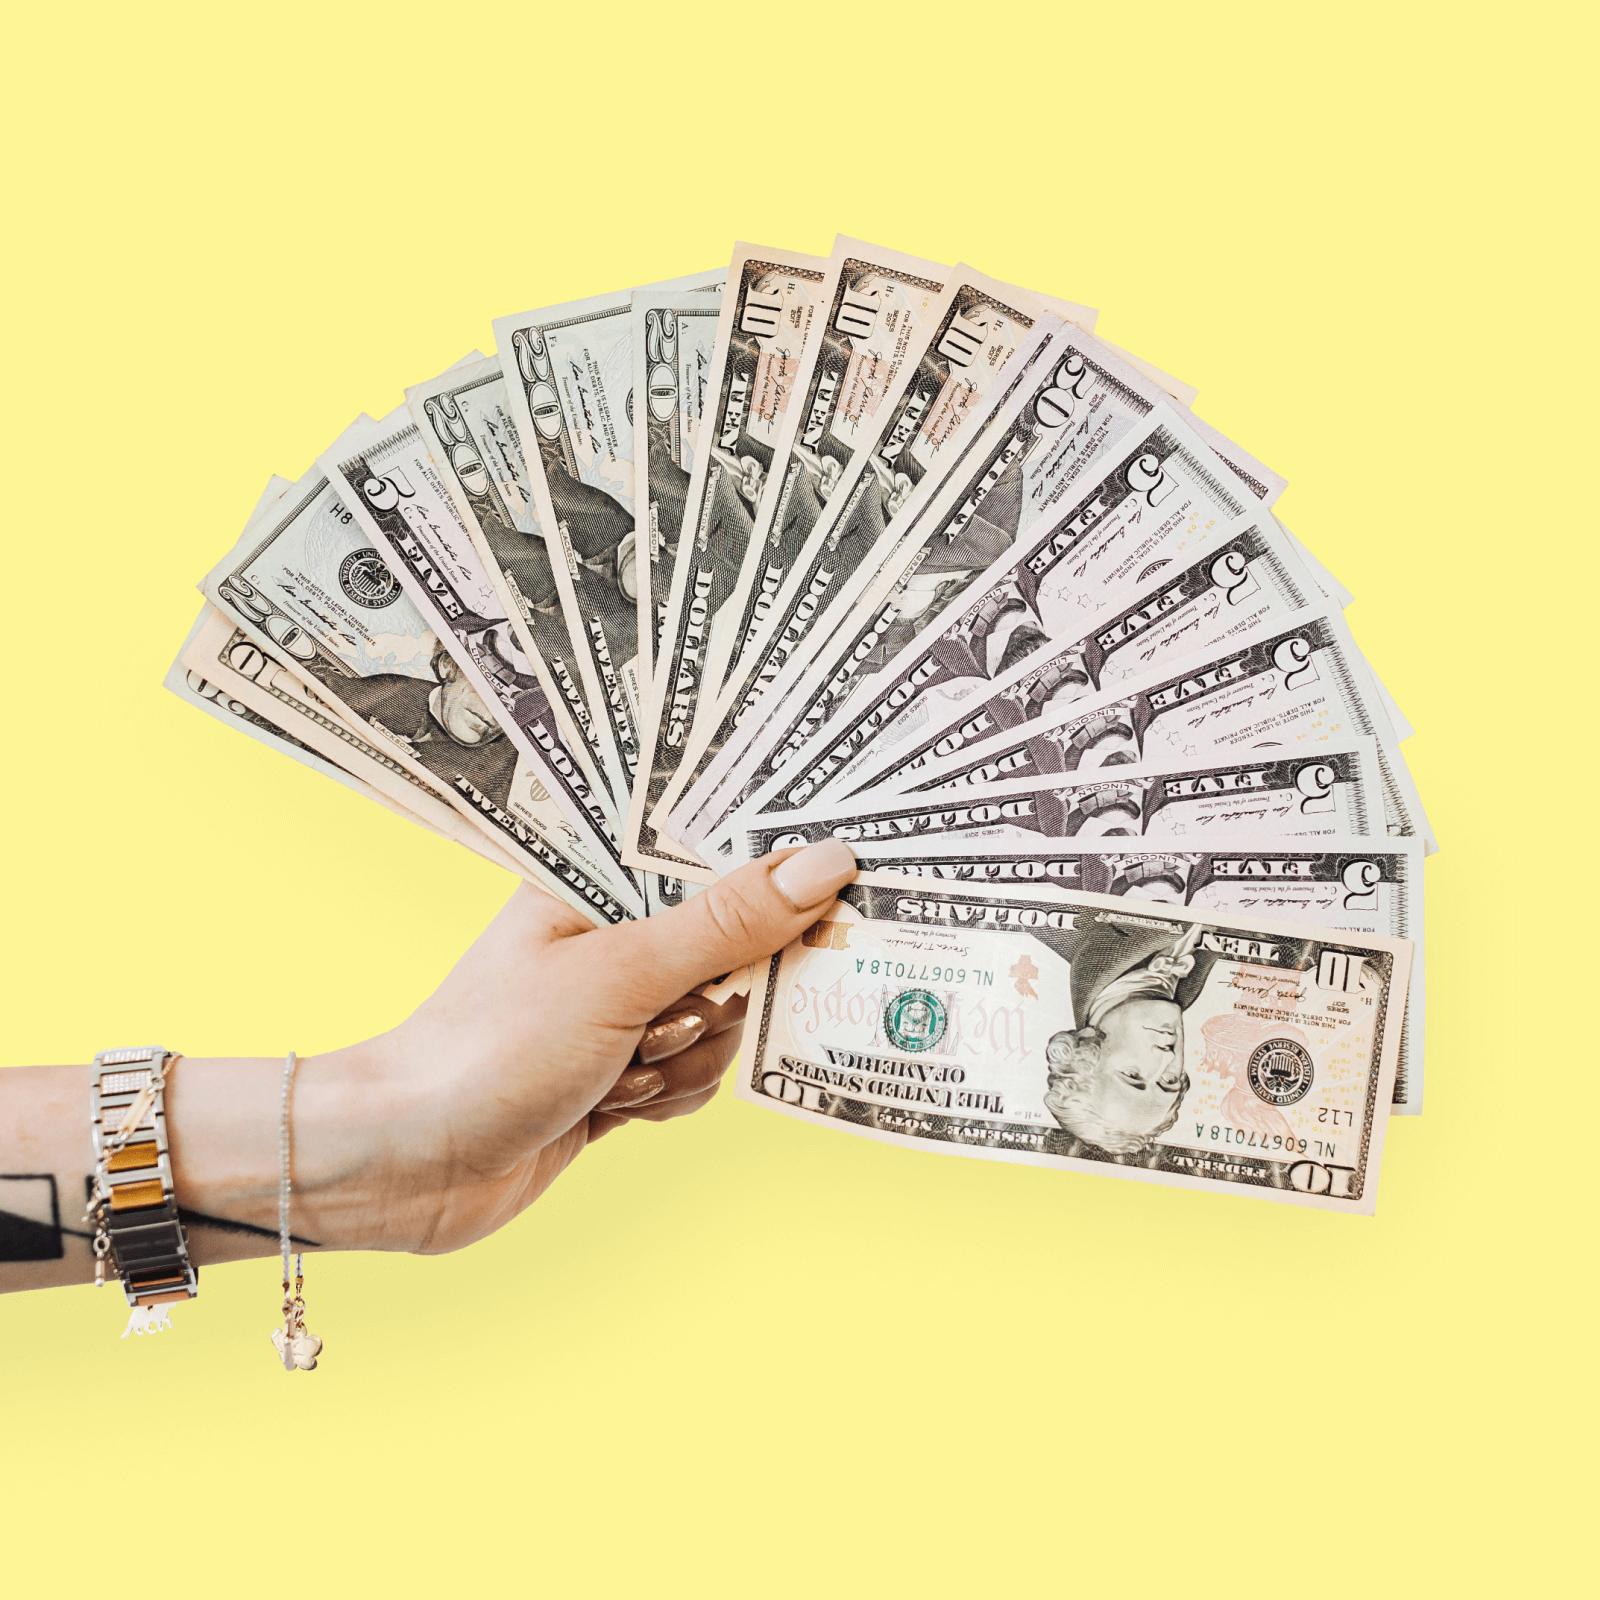 Які надходження вважаються доходом підприємця ФОП на єдиному податку?